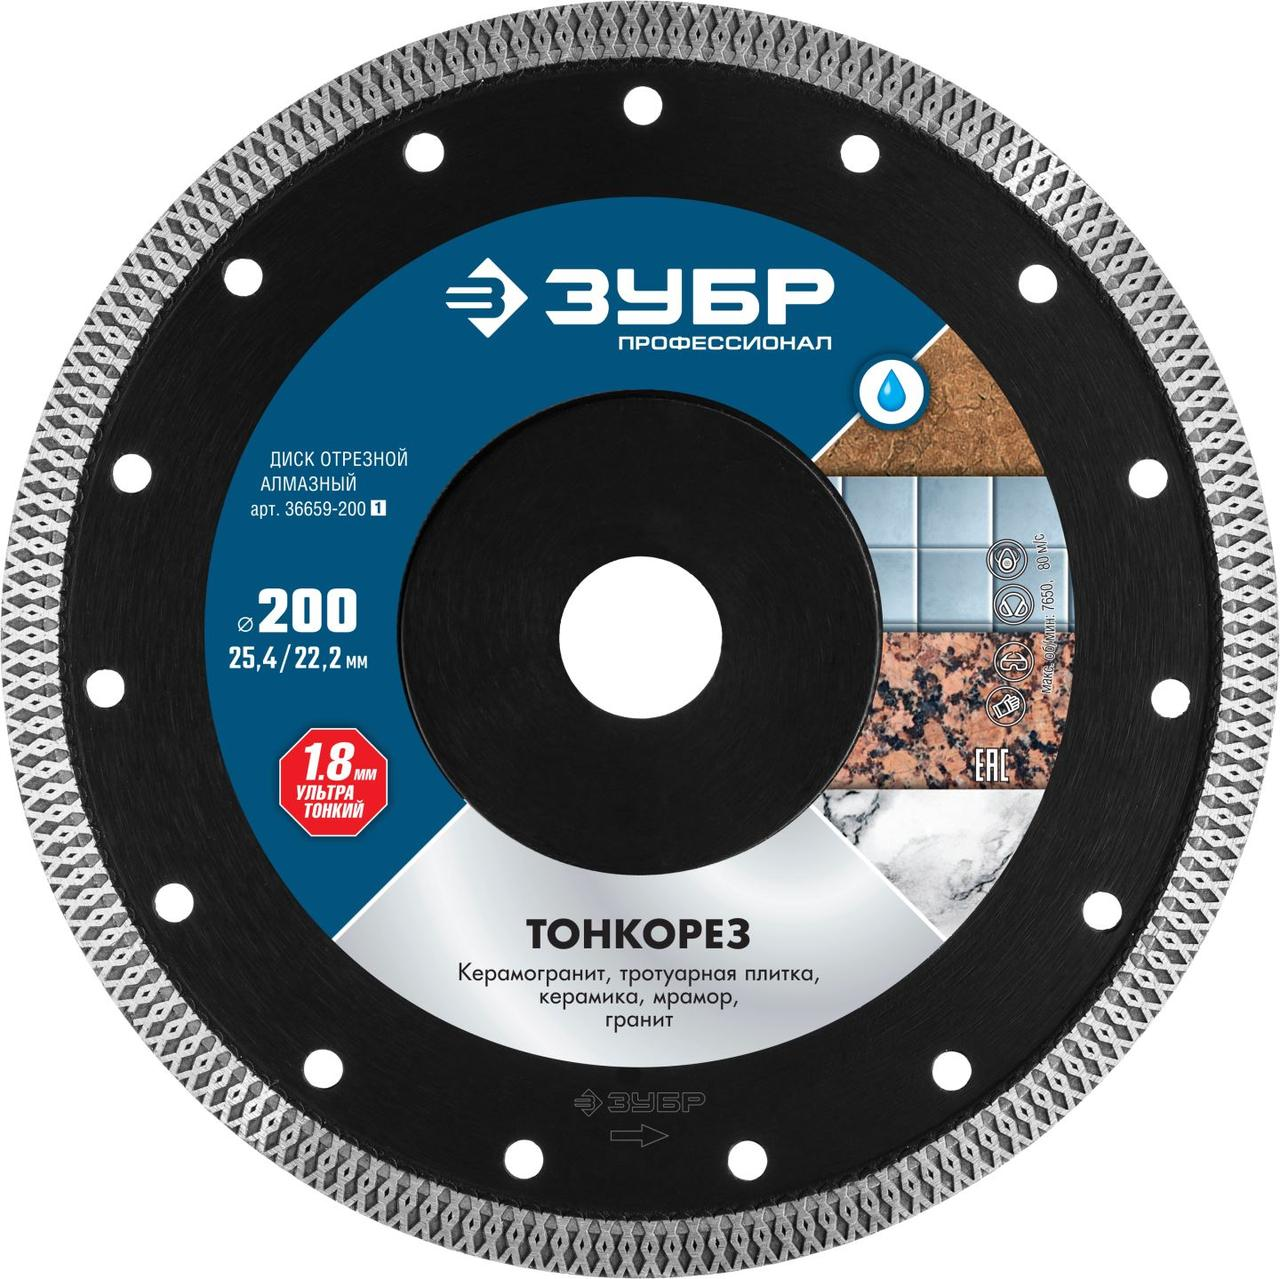 (36659-200_z01) ТОНКОРЕЗ 200 мм, диск алмазный отрезной сплошной ультратонкий, ЗУБР Профессионал